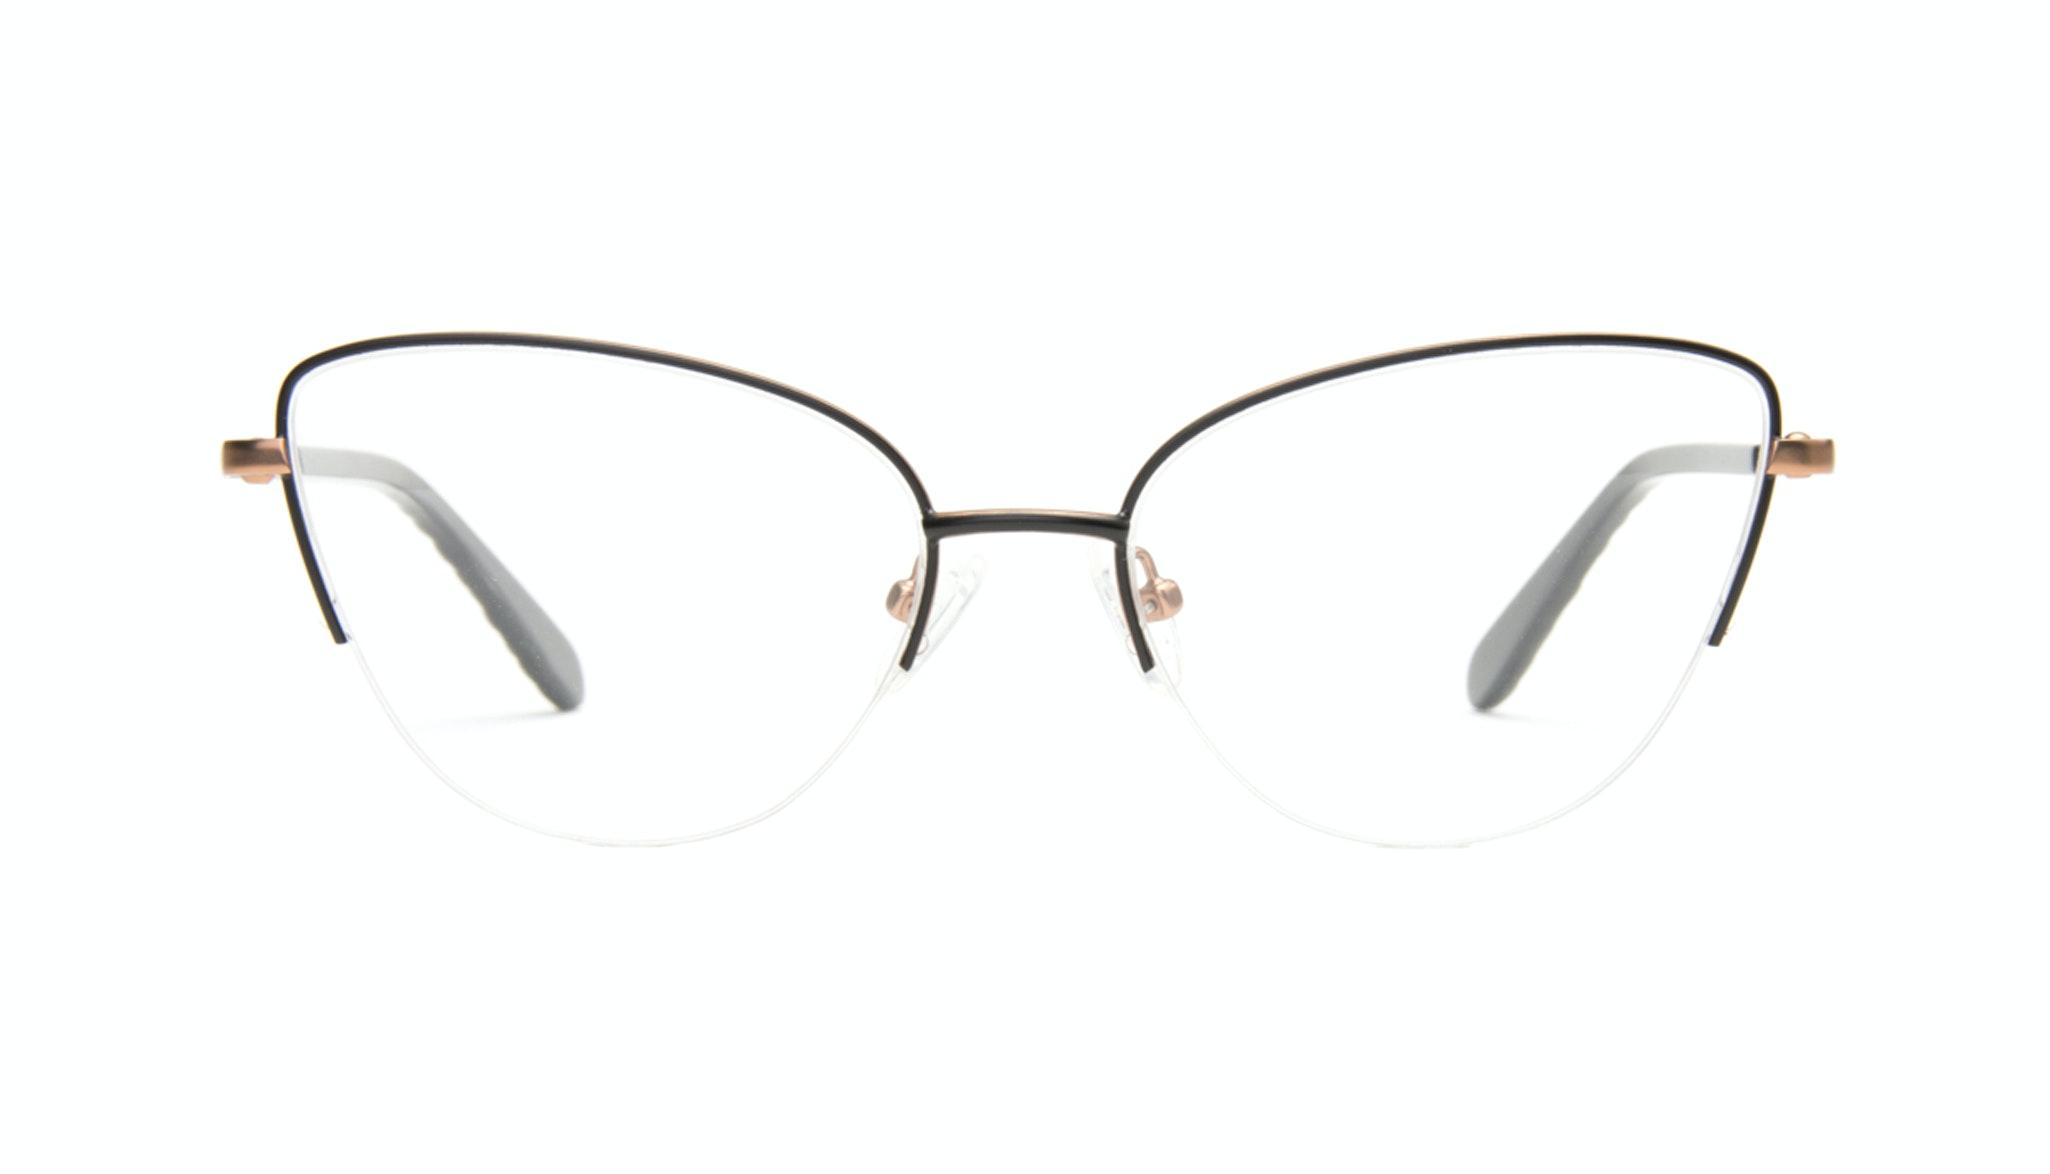 Lunettes tendance Oeil de chat Optiques Femmes Airy  Black Copper